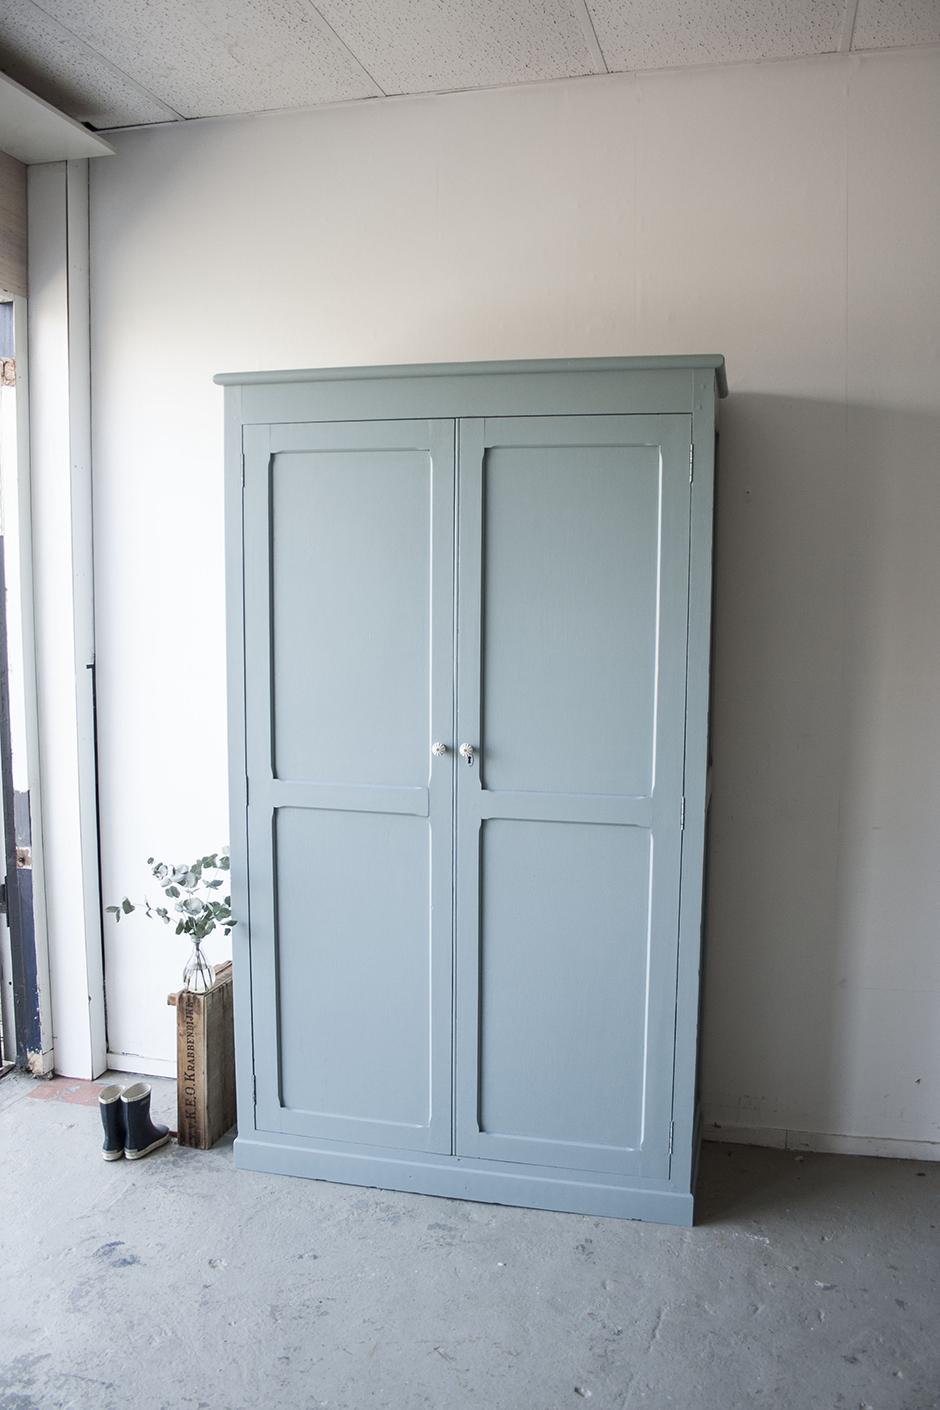 grijsblauwe grote kledingkast !- Firma zoethout_2.jpg